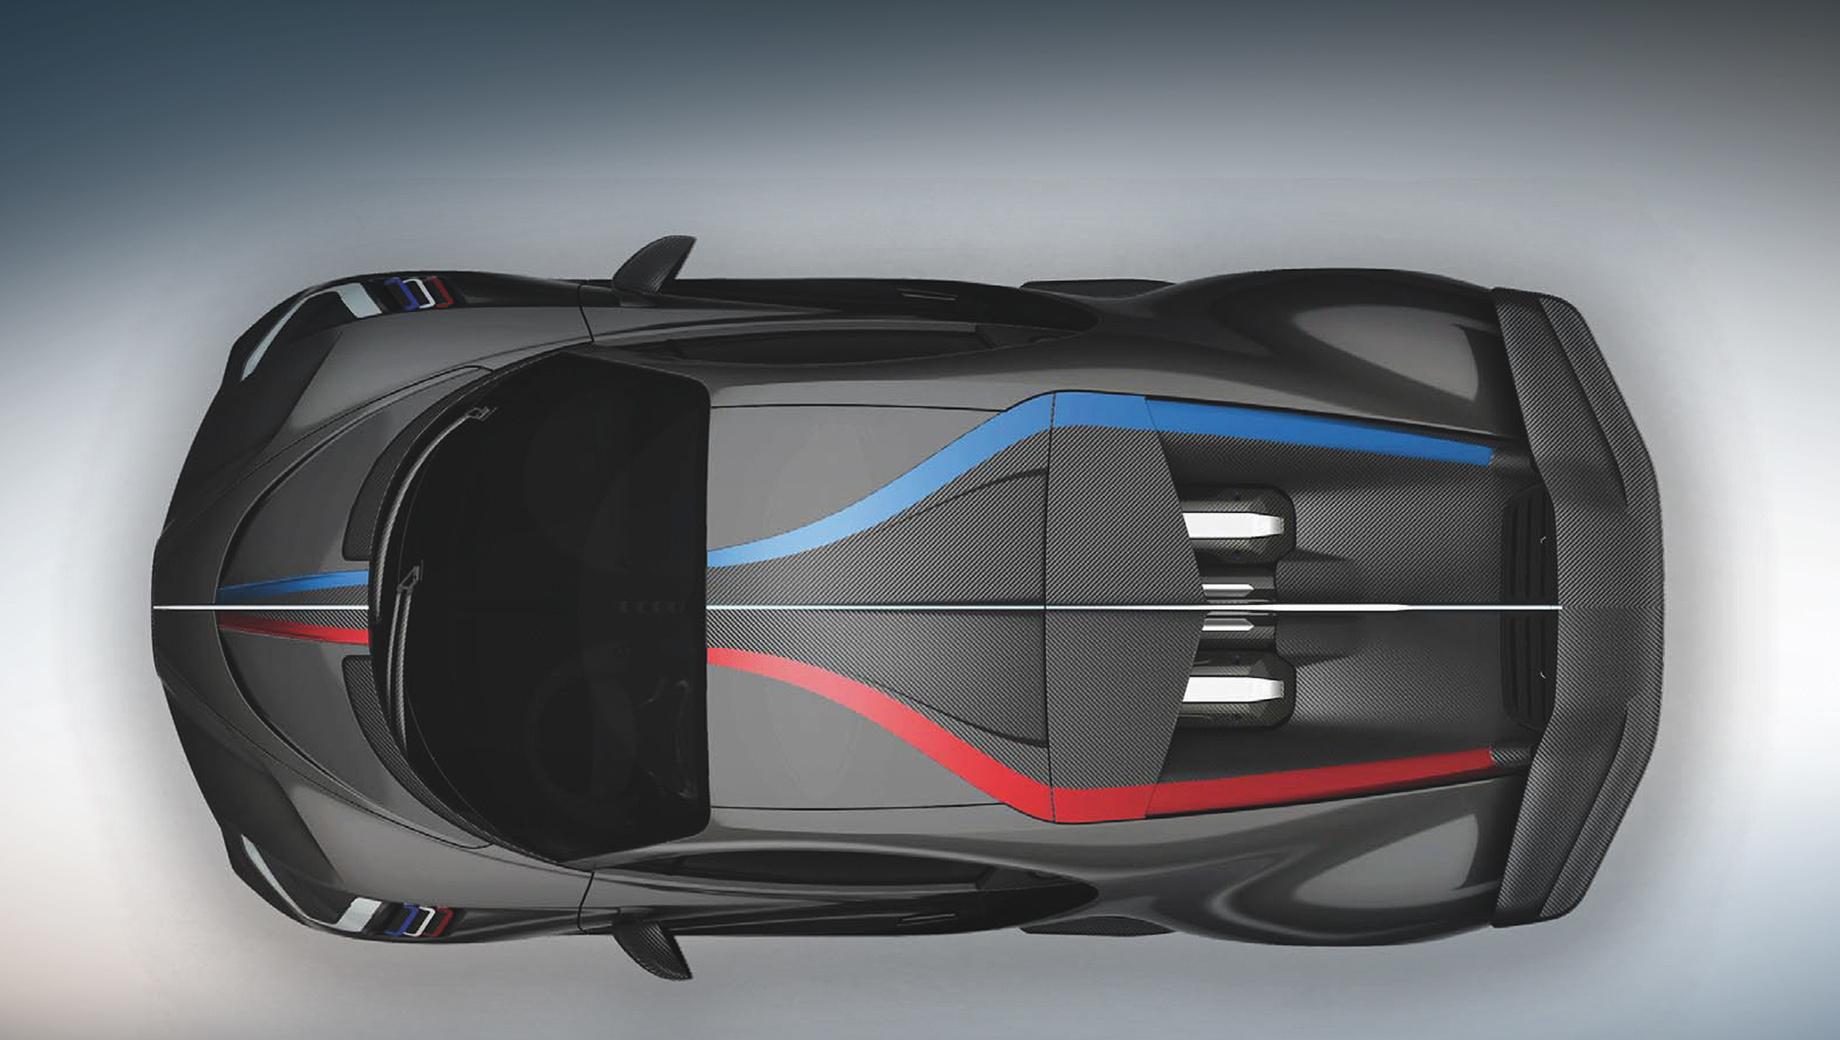 Фирма Bugatti показала четыре персонализированных купе Divo